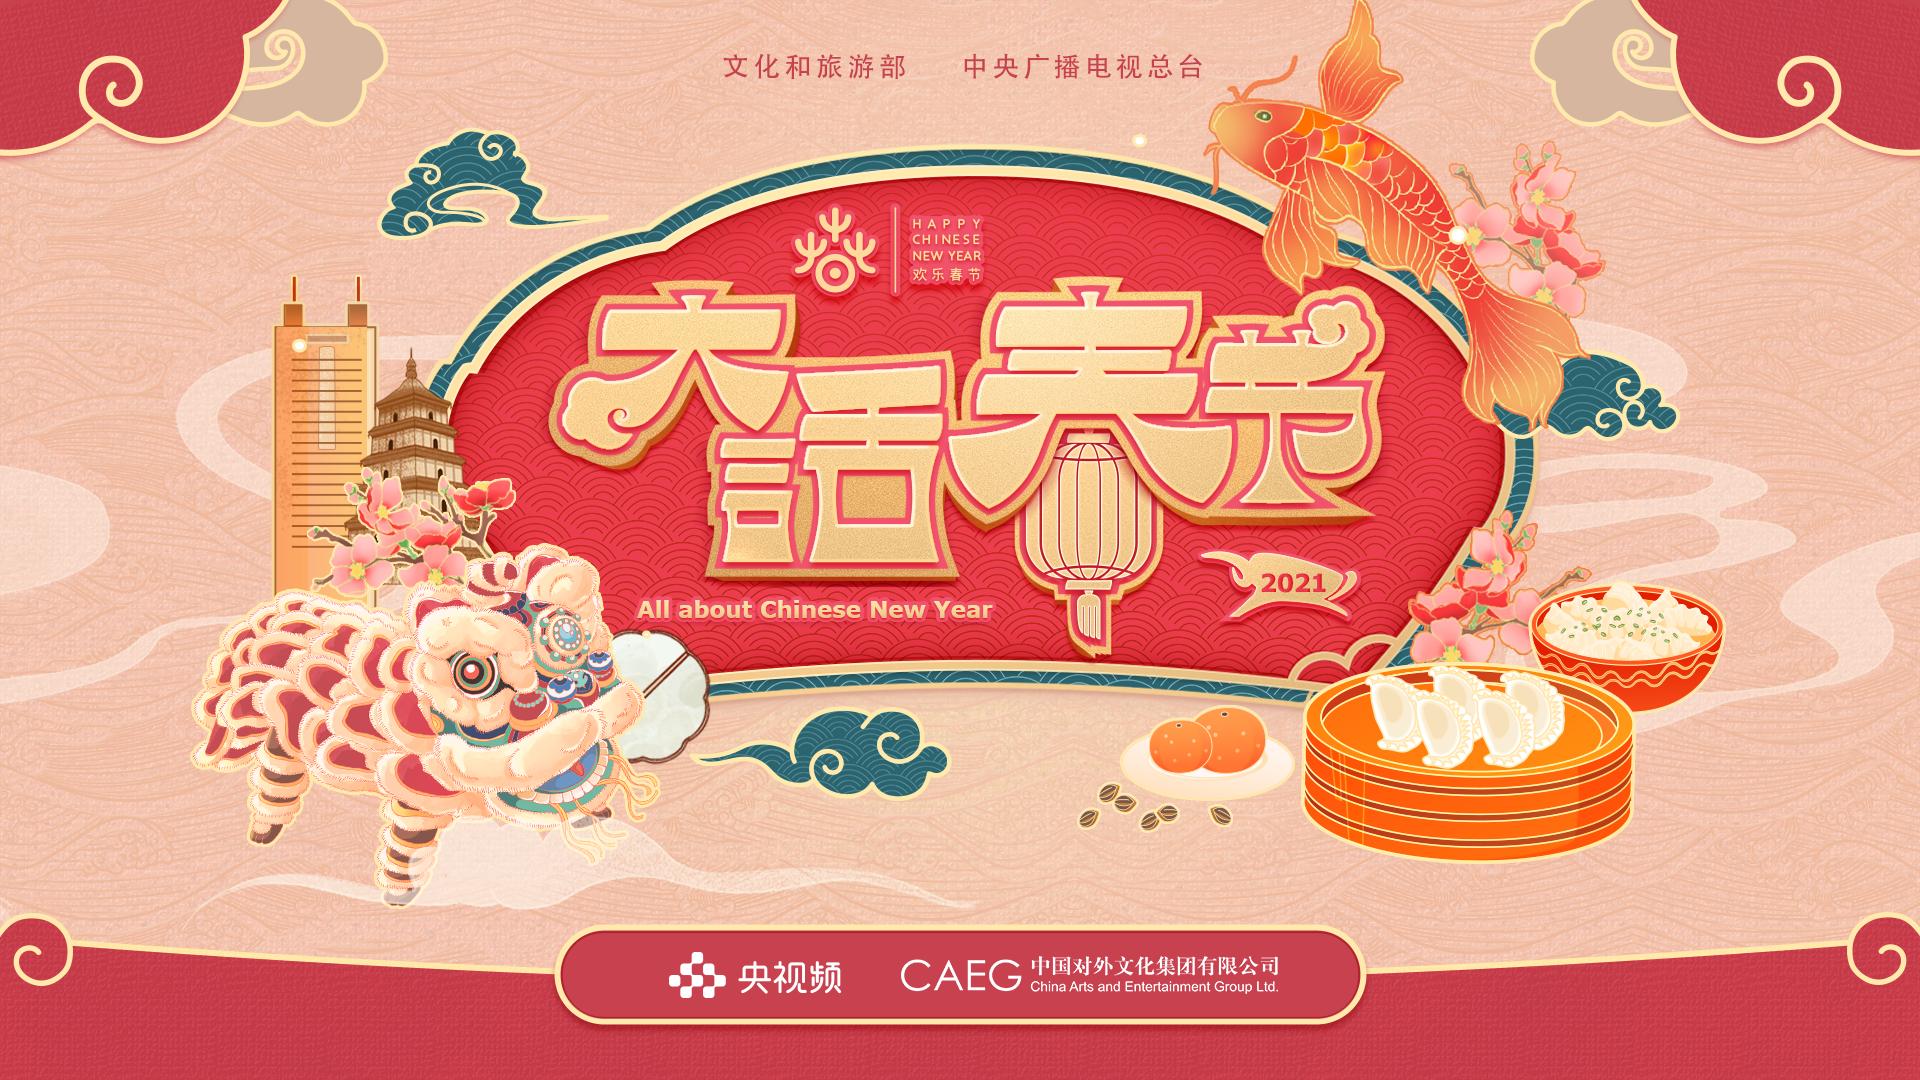 大话春节融媒体直播海报横版 .png